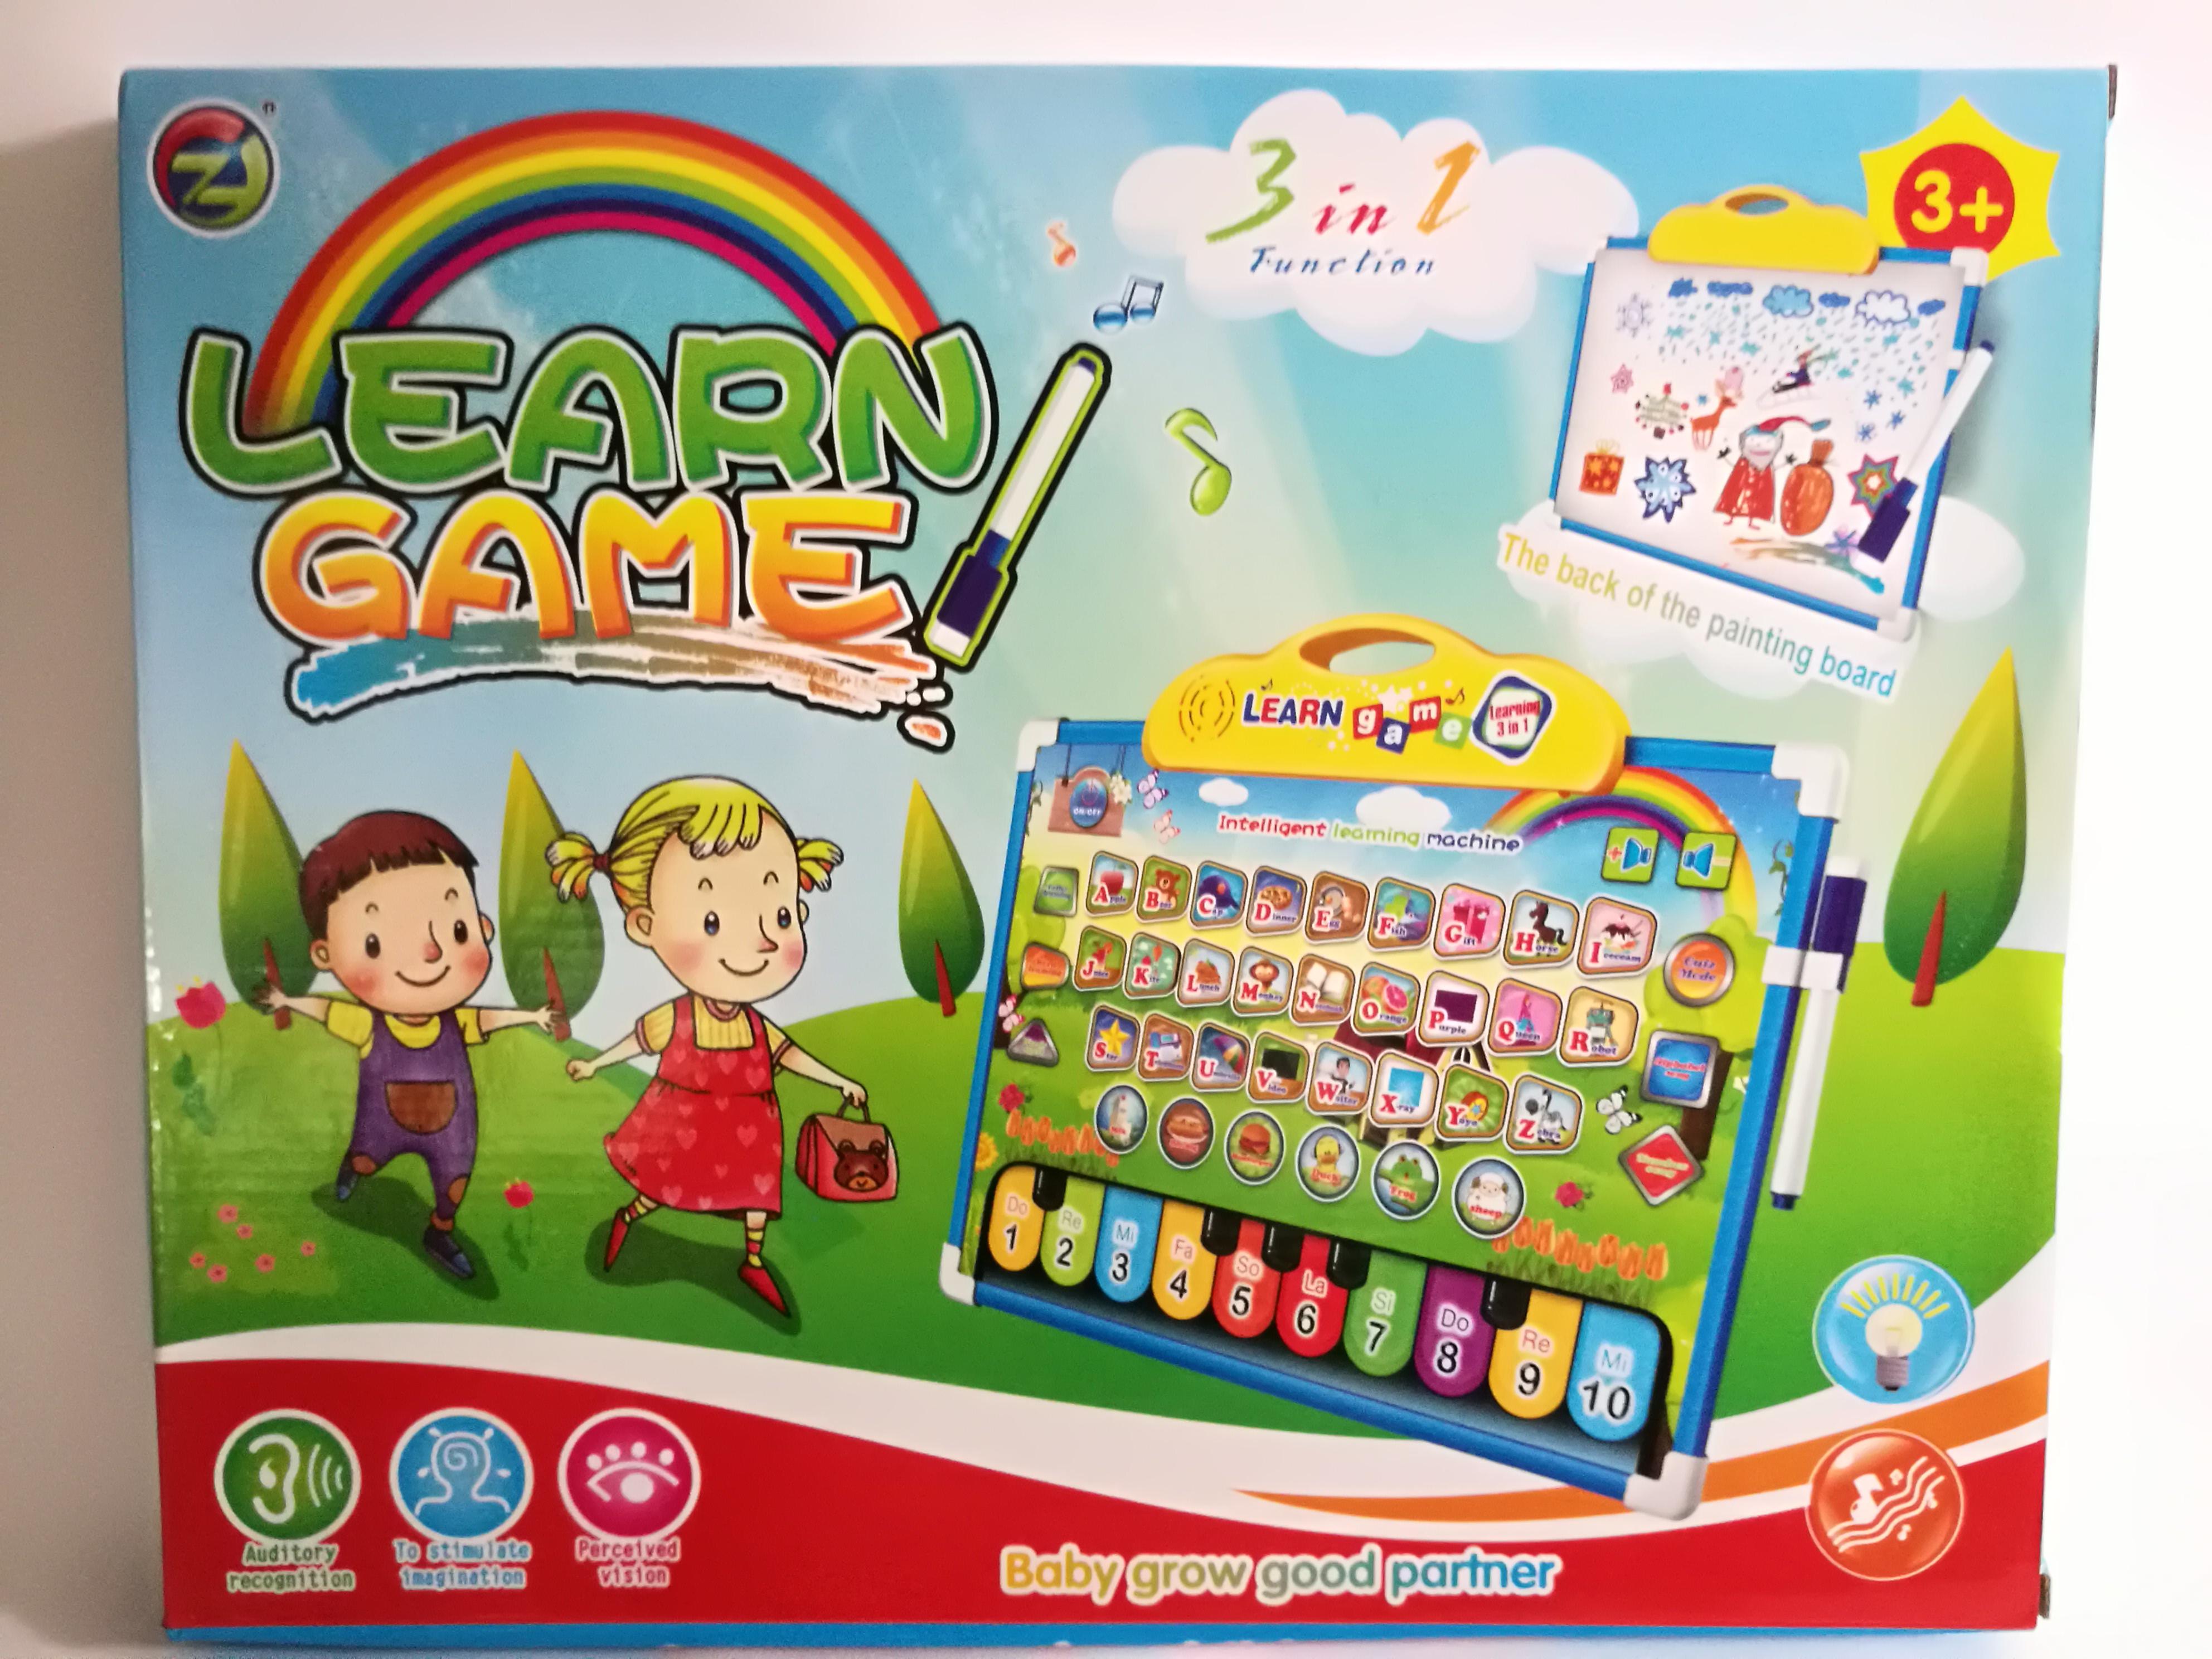 พร้อมส่งส่งฟรี กระดานเรียนรู้ภาษาอังกฤษ 2in1 learning game